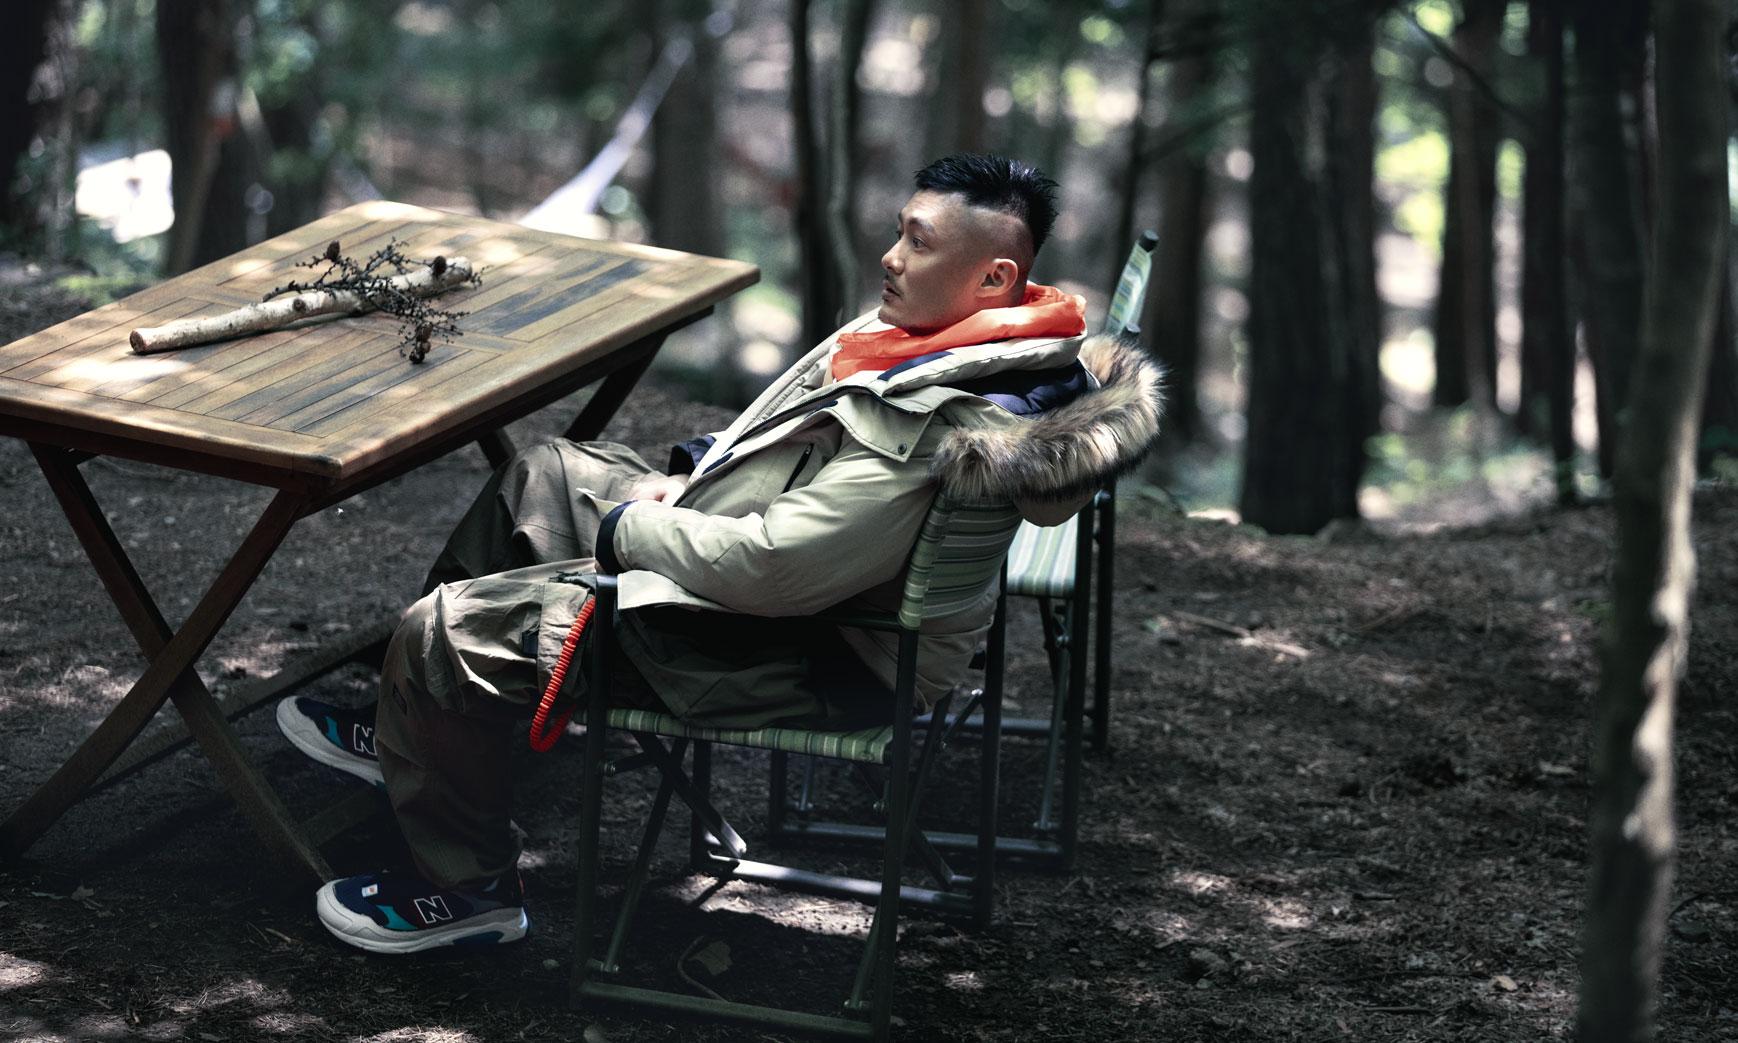 打造冬日型搭,New Balance 全新羽绒服系列释出